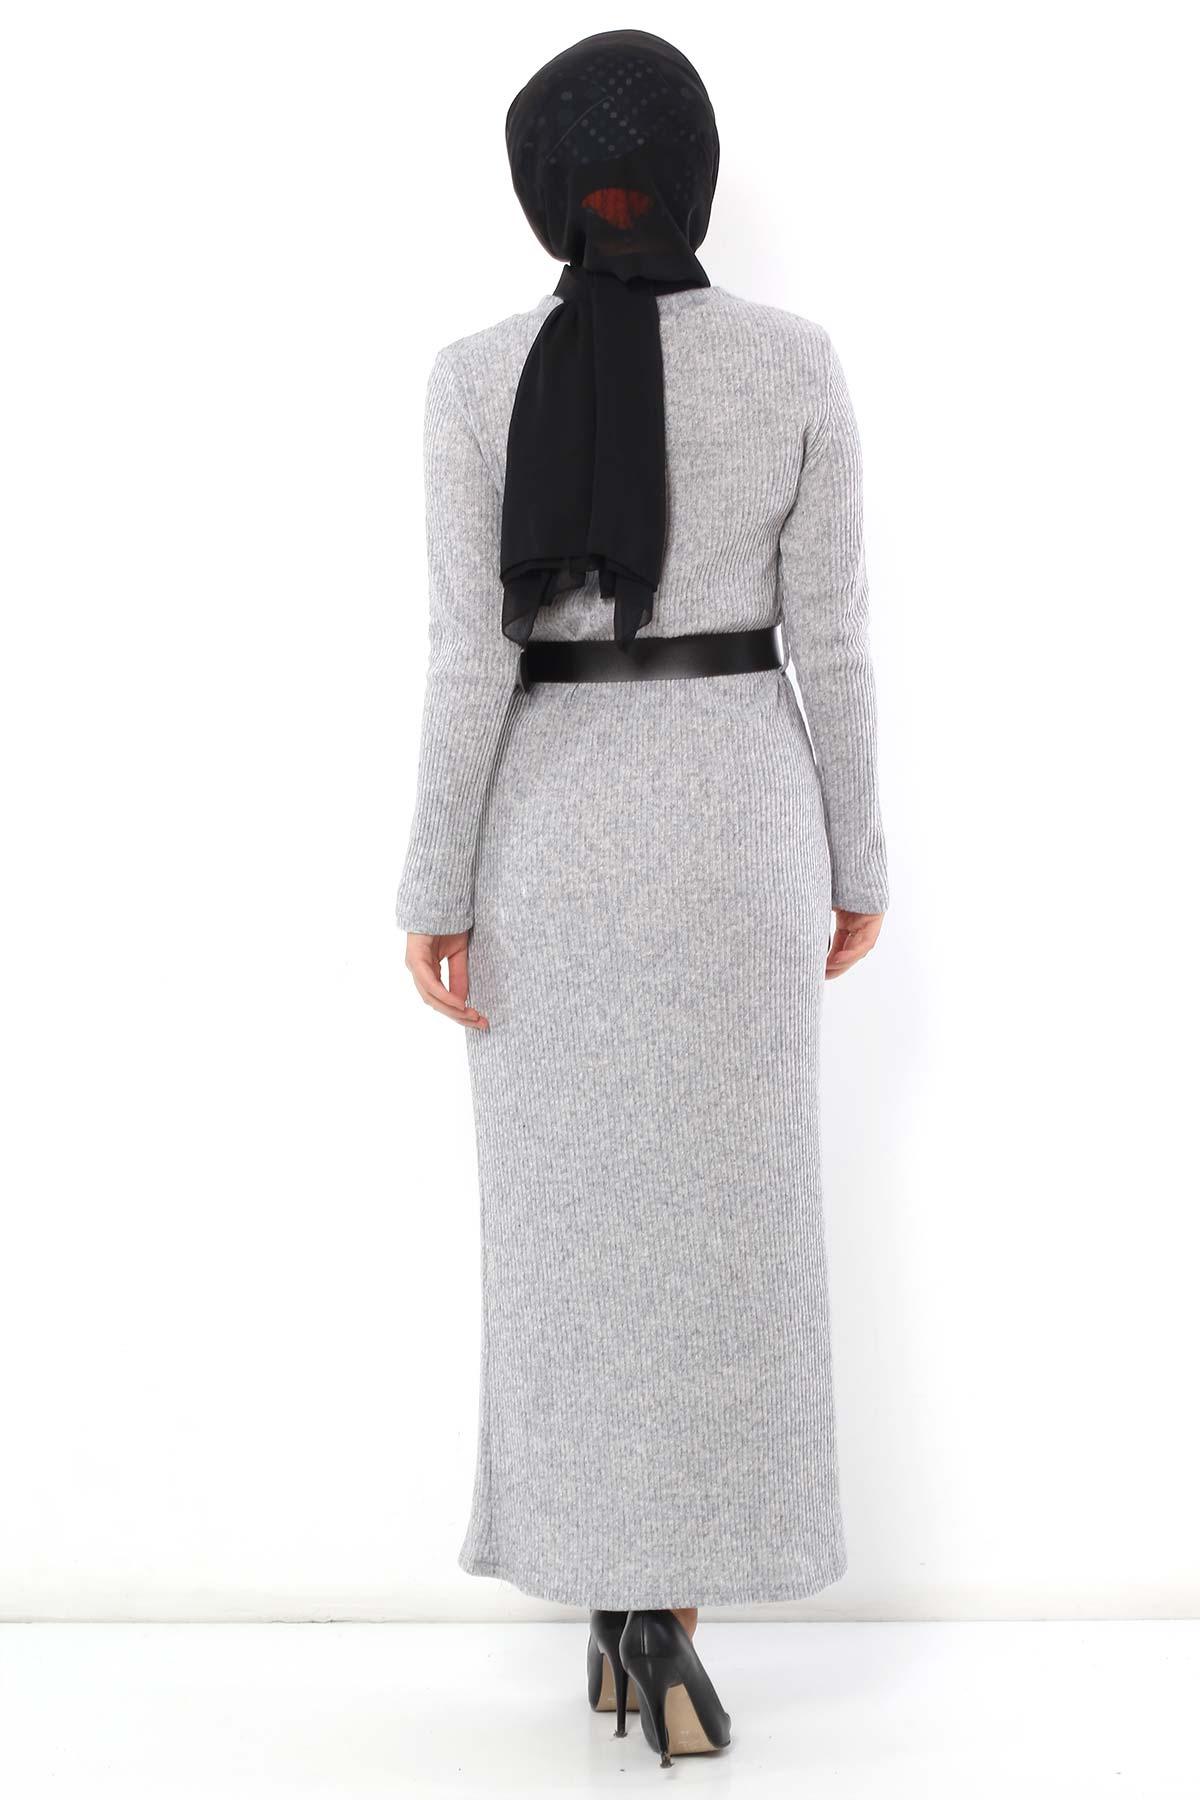 Belted Knitwear Dress TSD1742 Gray